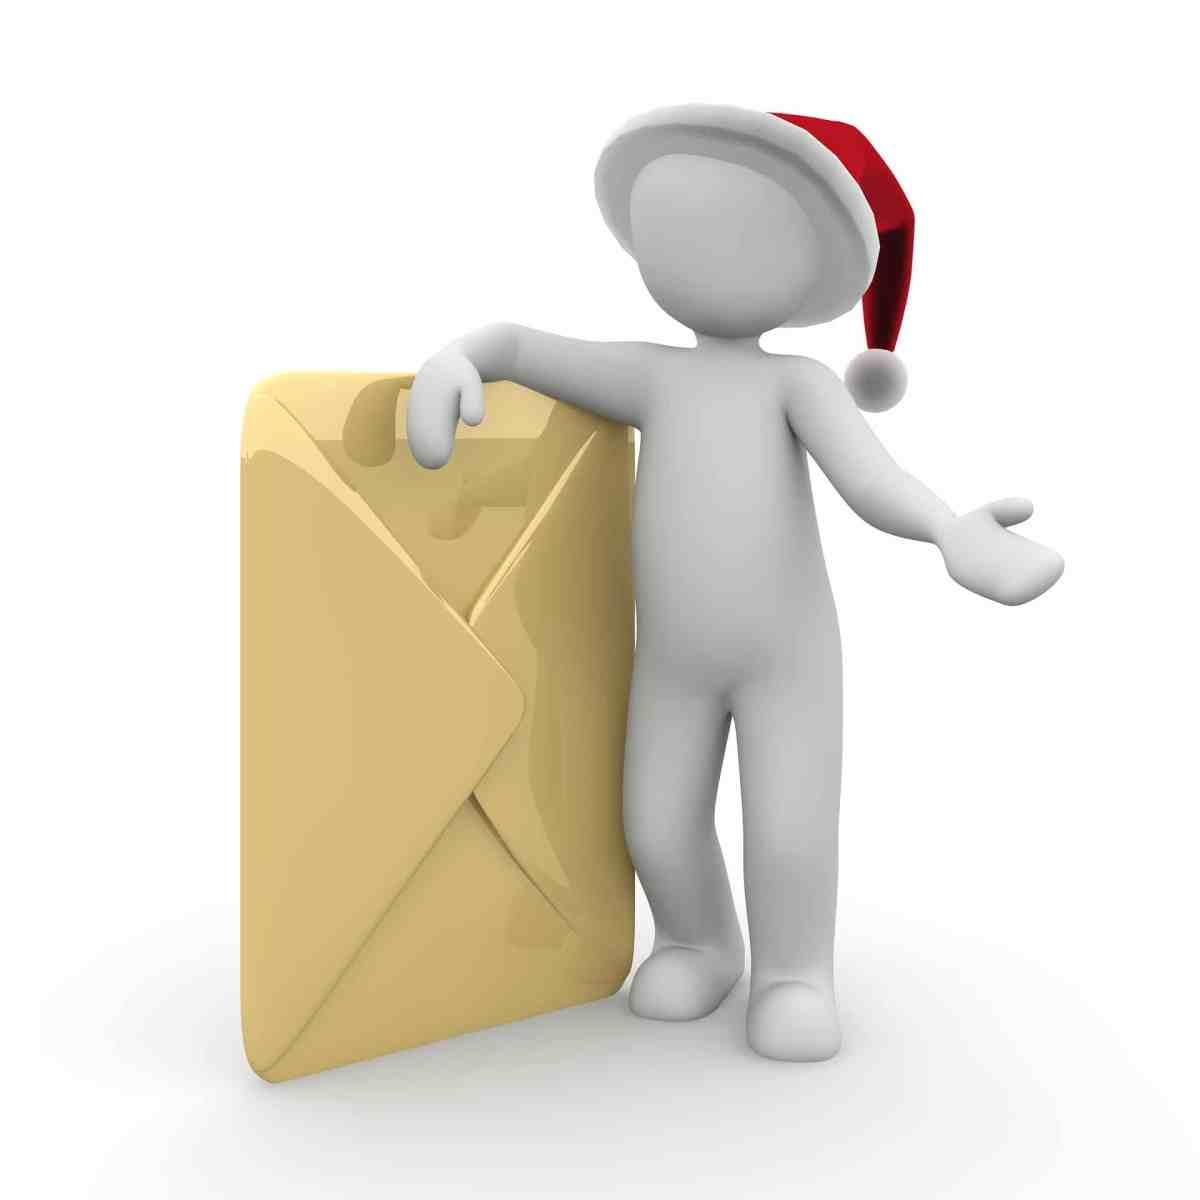 Kerstpakketten Heerhugowaard bezorgen - Bestel je kerstpakket en wij bezorgen het in heel Nederland - www.kerstpakkettencadeaubon.nl